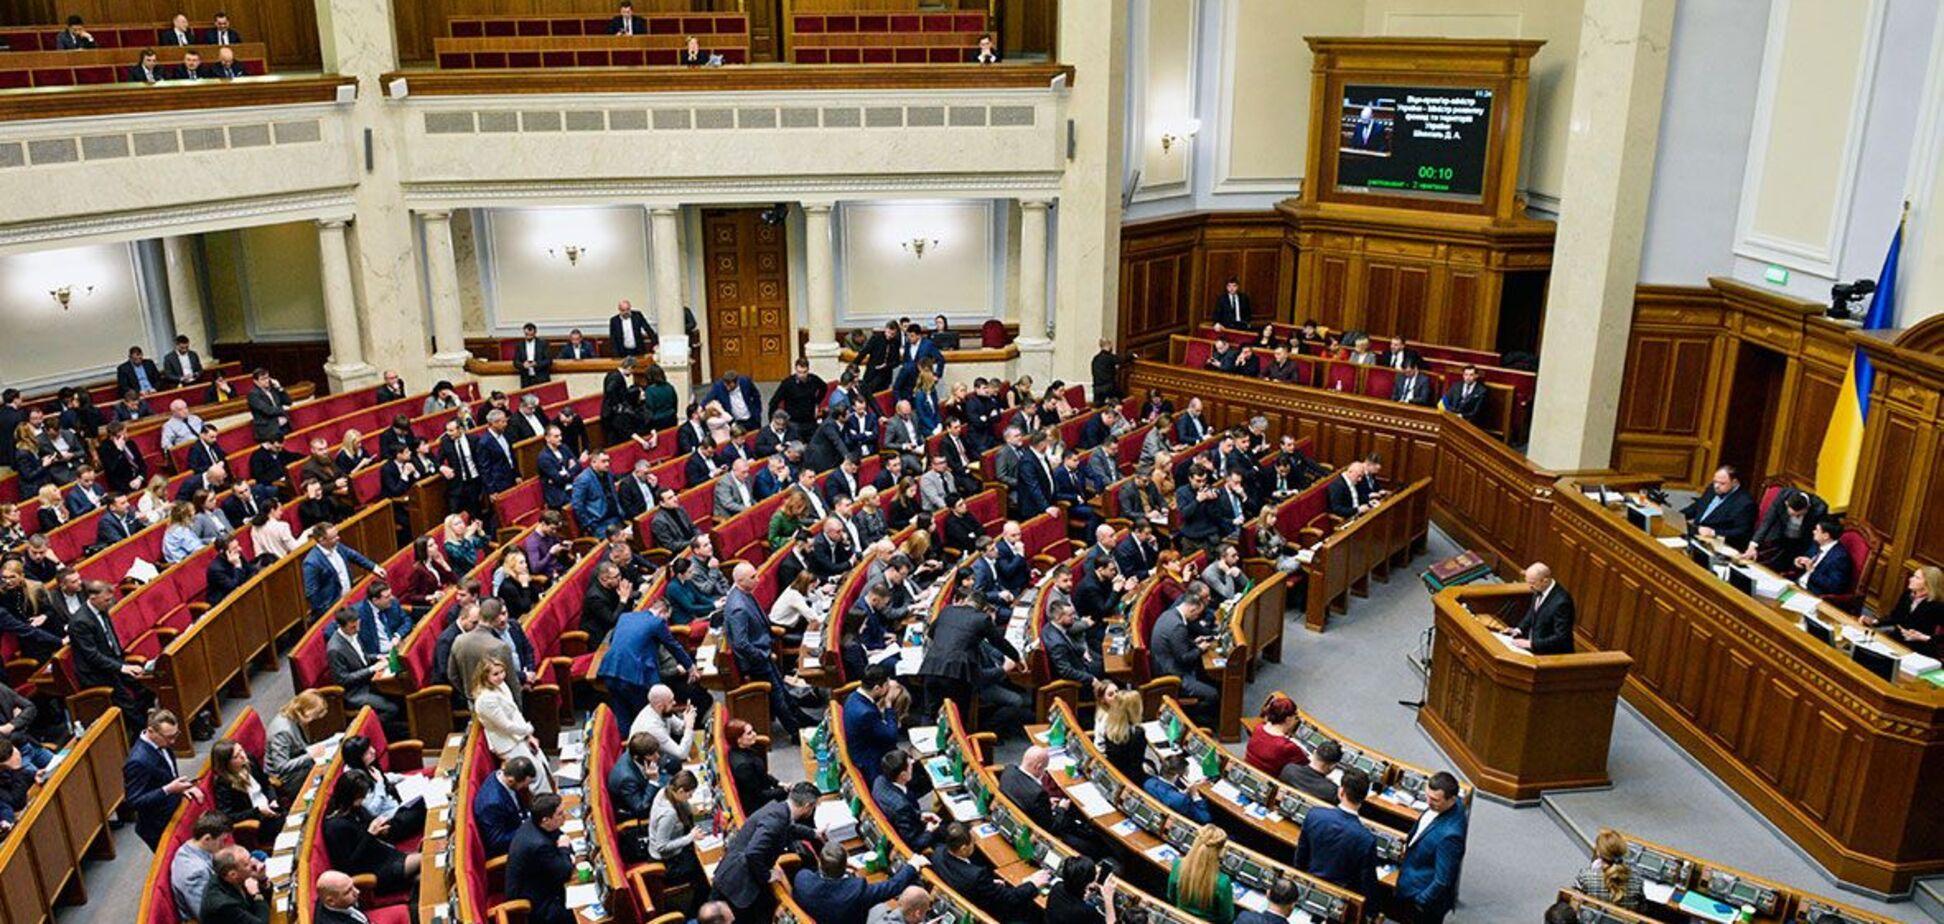 Без обязательного ВНО и новые правила для 'евроблях': что нужно знать украинцам о новых законах